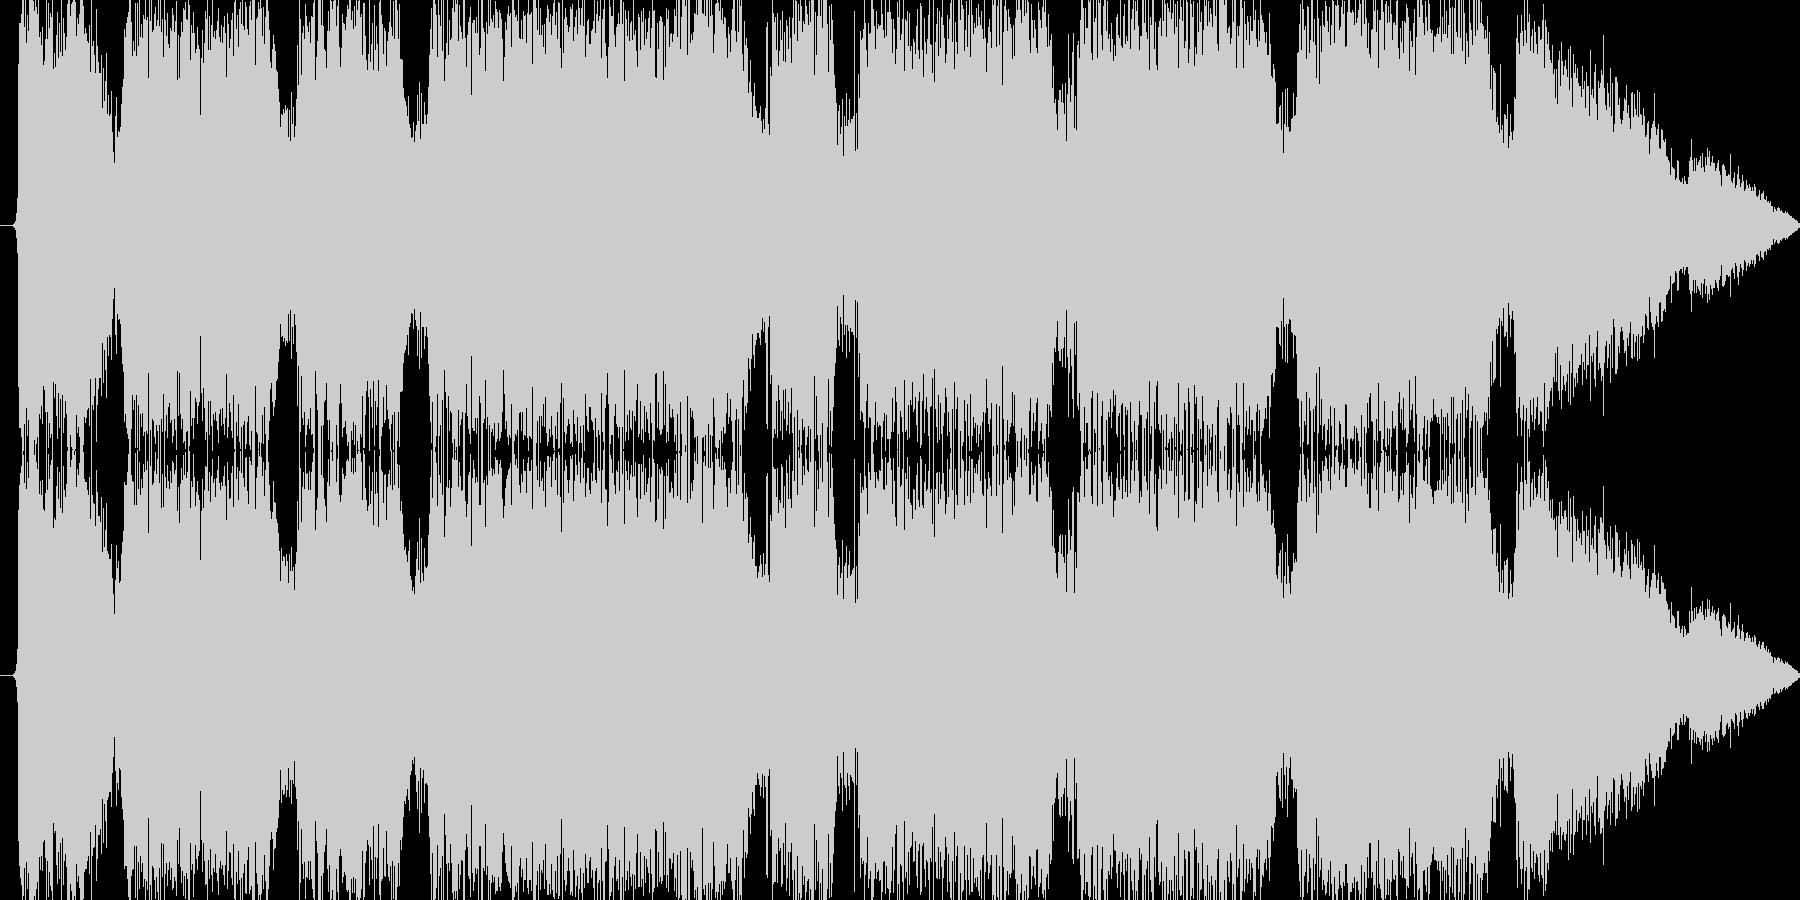 雷魔法(ほとばしる電撃)の未再生の波形